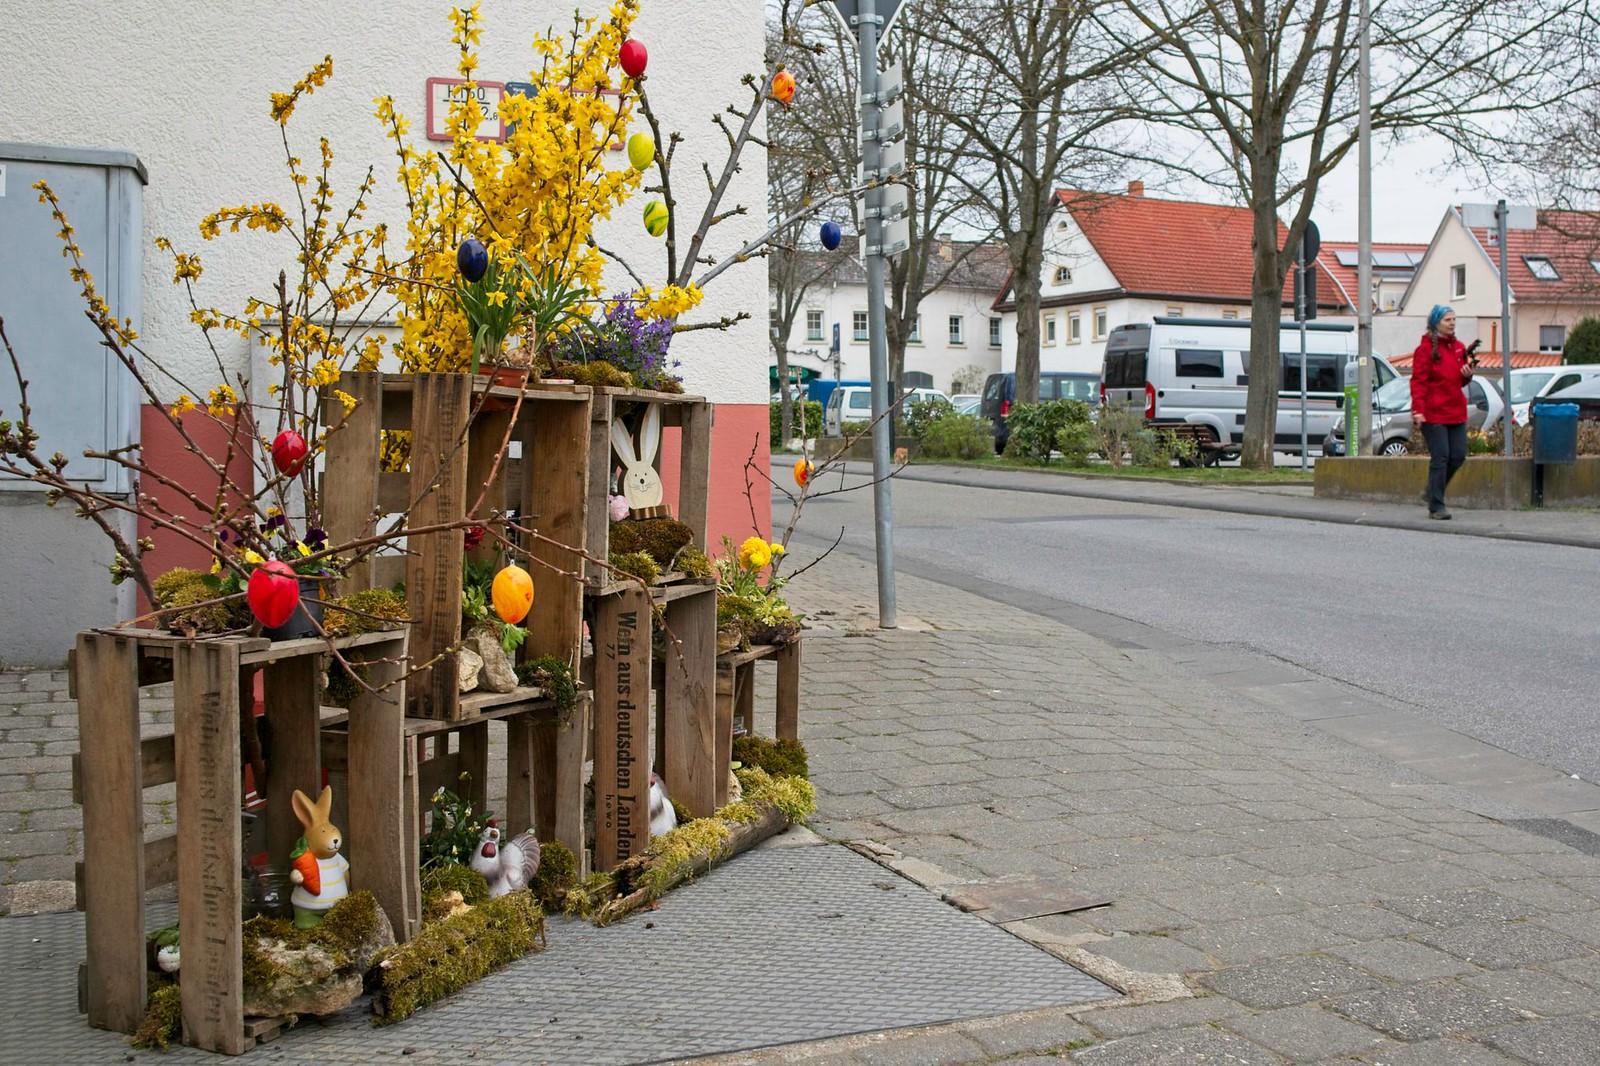 Osterschmuck in Schwabenheim an der Selz